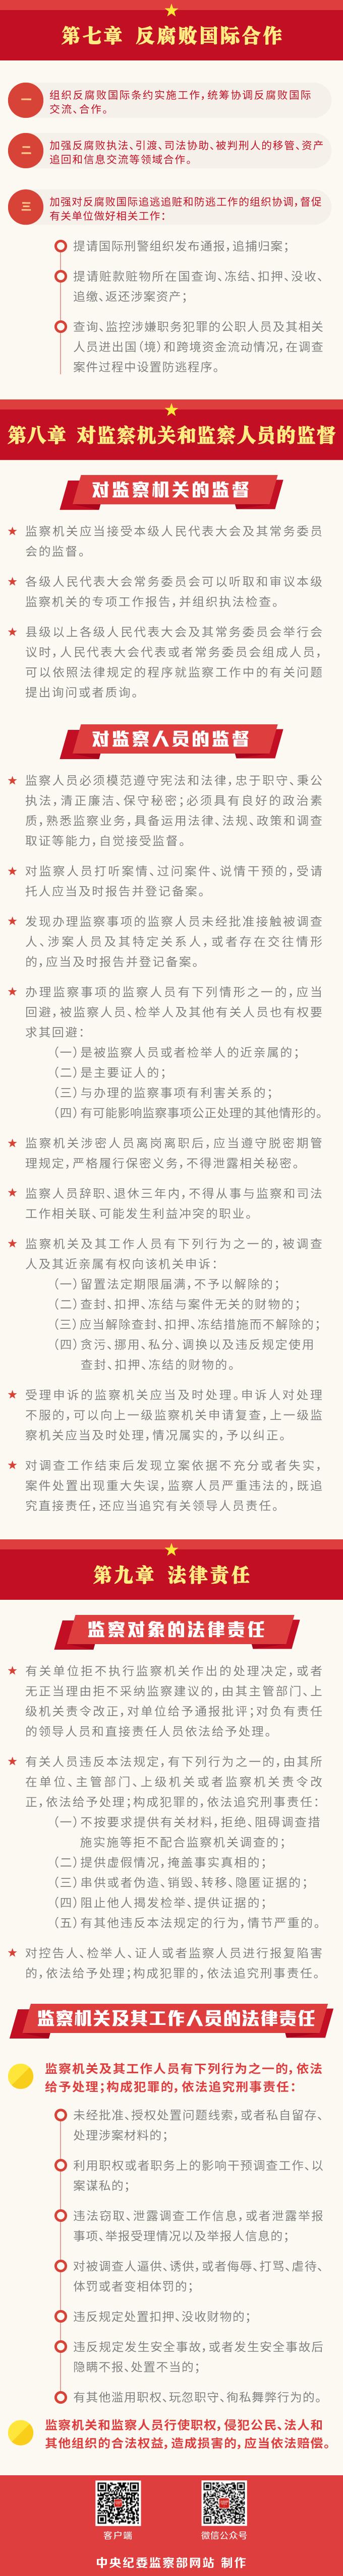 (中央纪委监察部网站 李芸/图 代江兵/文字整理)